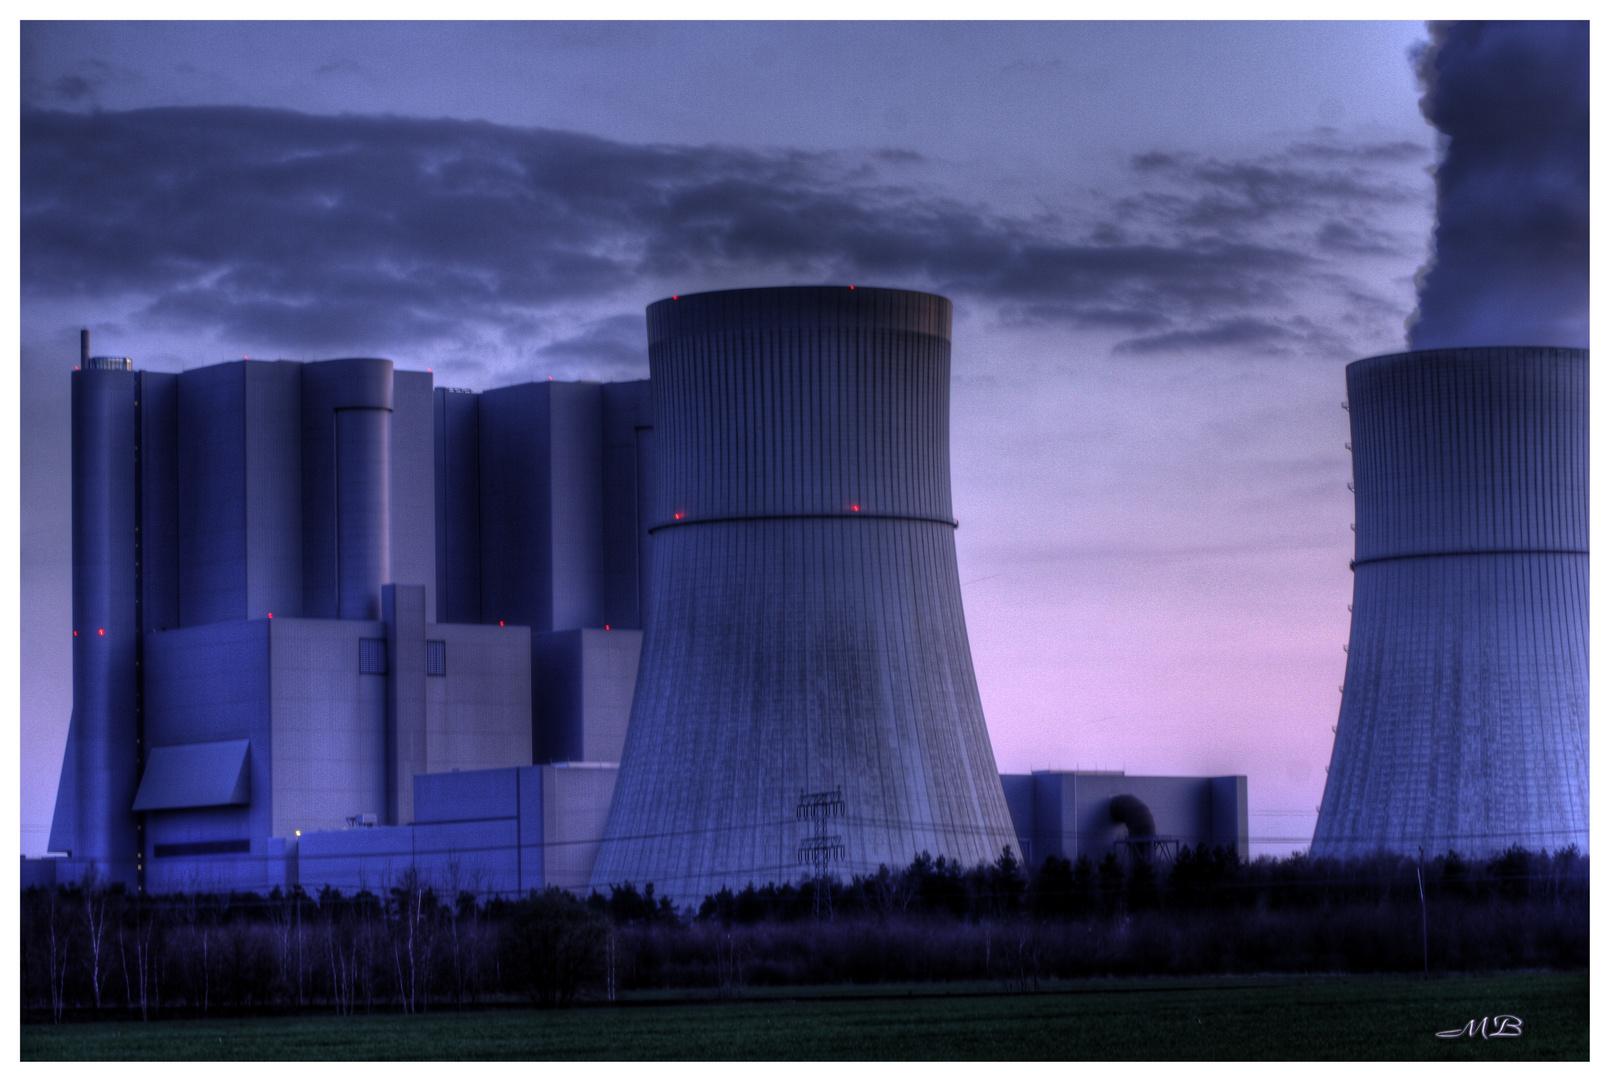 Kraftwerk Schwarze Pumpe No.2